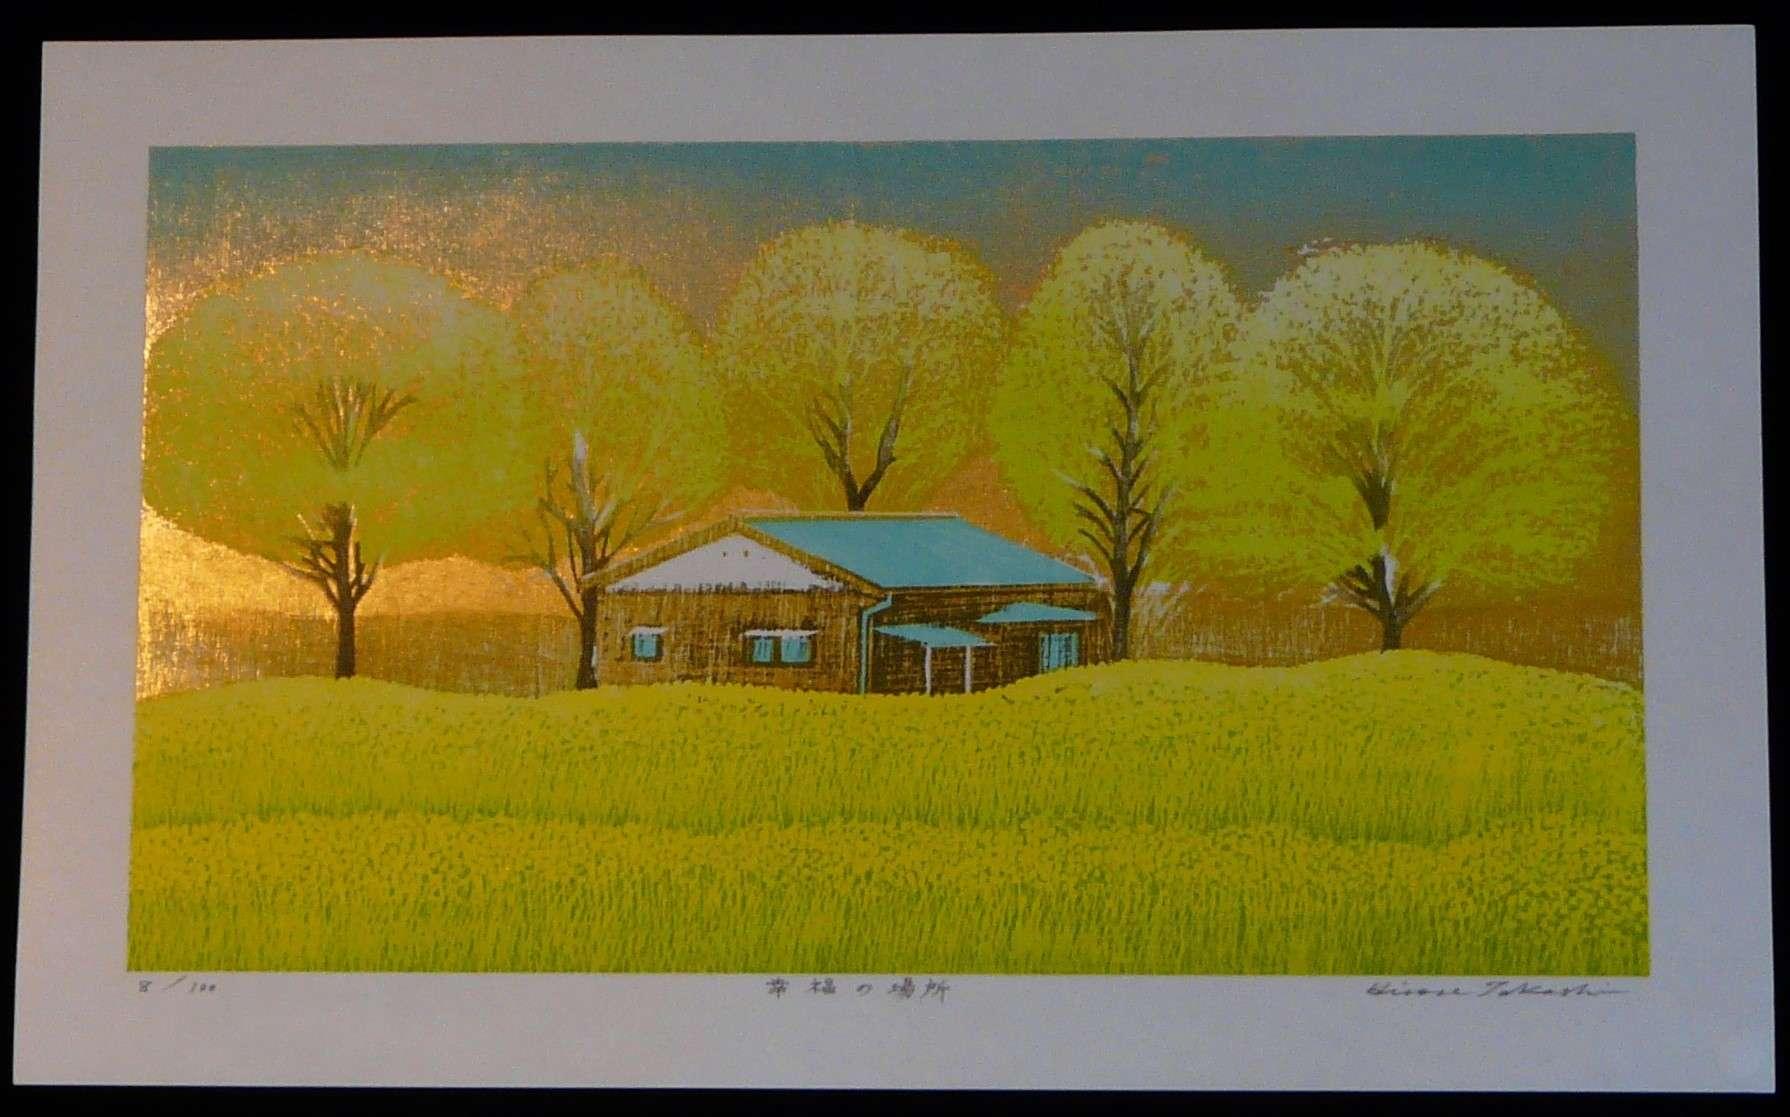 Takashi Hirose: #P3163 HAPPY PLACE